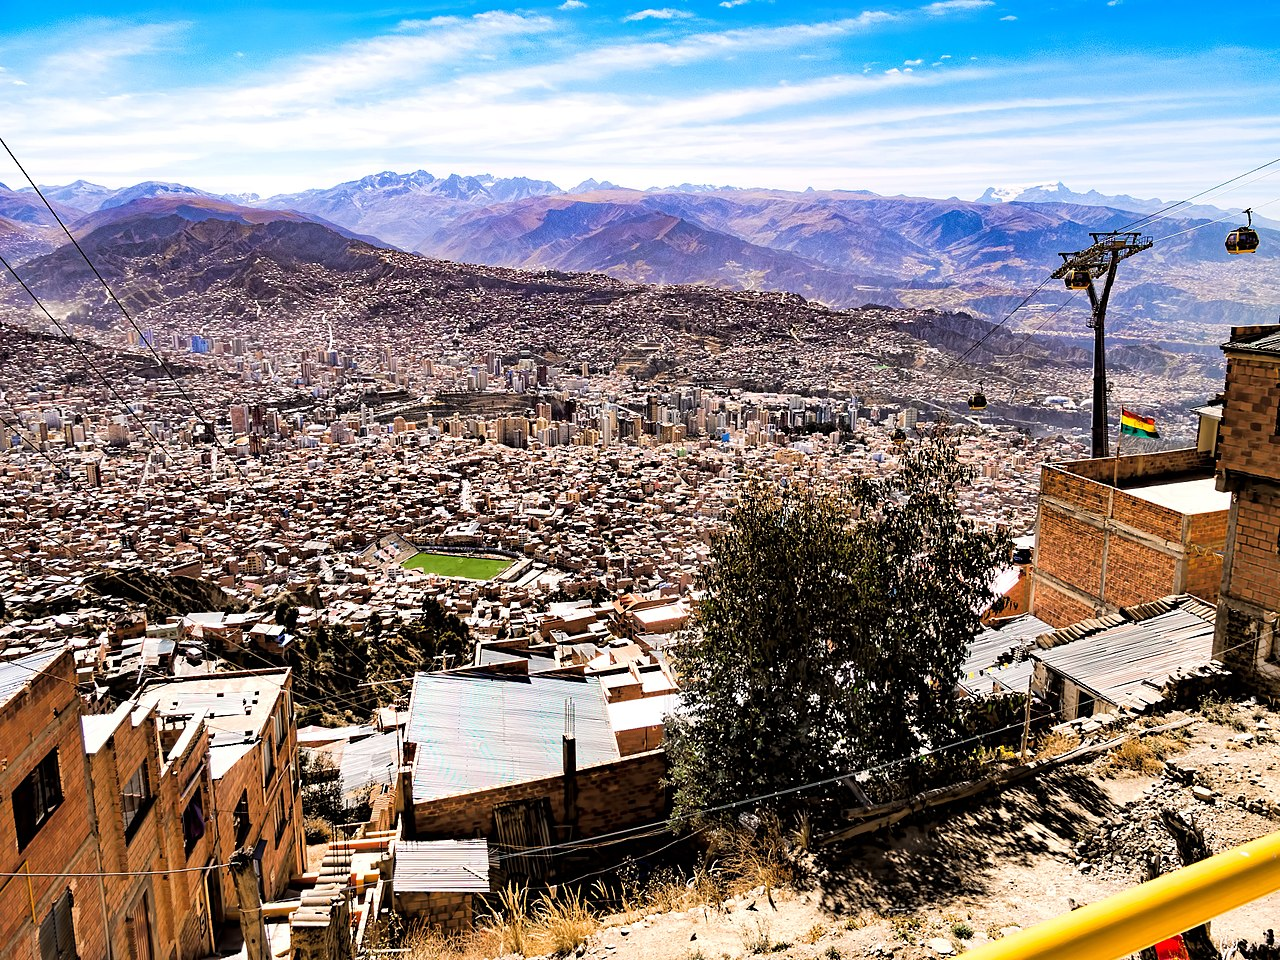 Pontos turísticos de La Paz